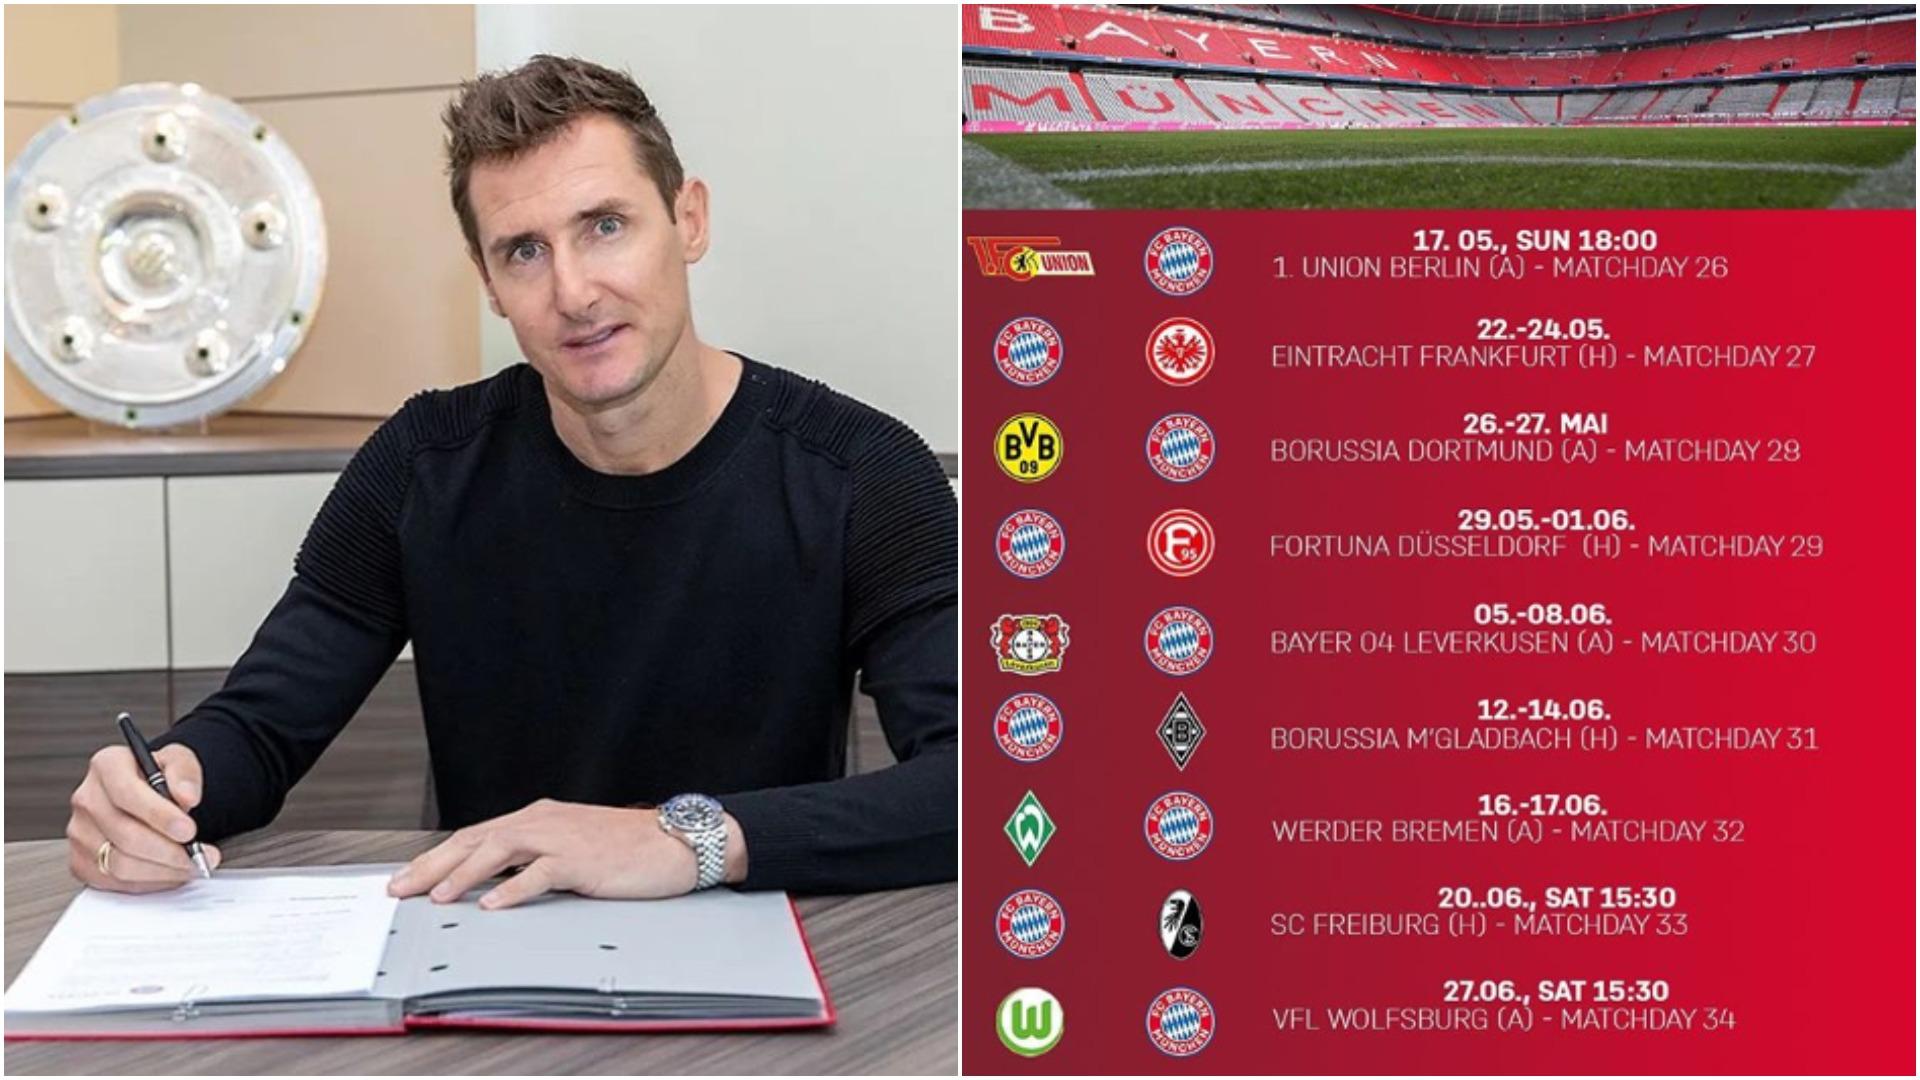 Firmë e rëndësishme dhe kalendari i ri, zhvillimet e fundit te Bayern